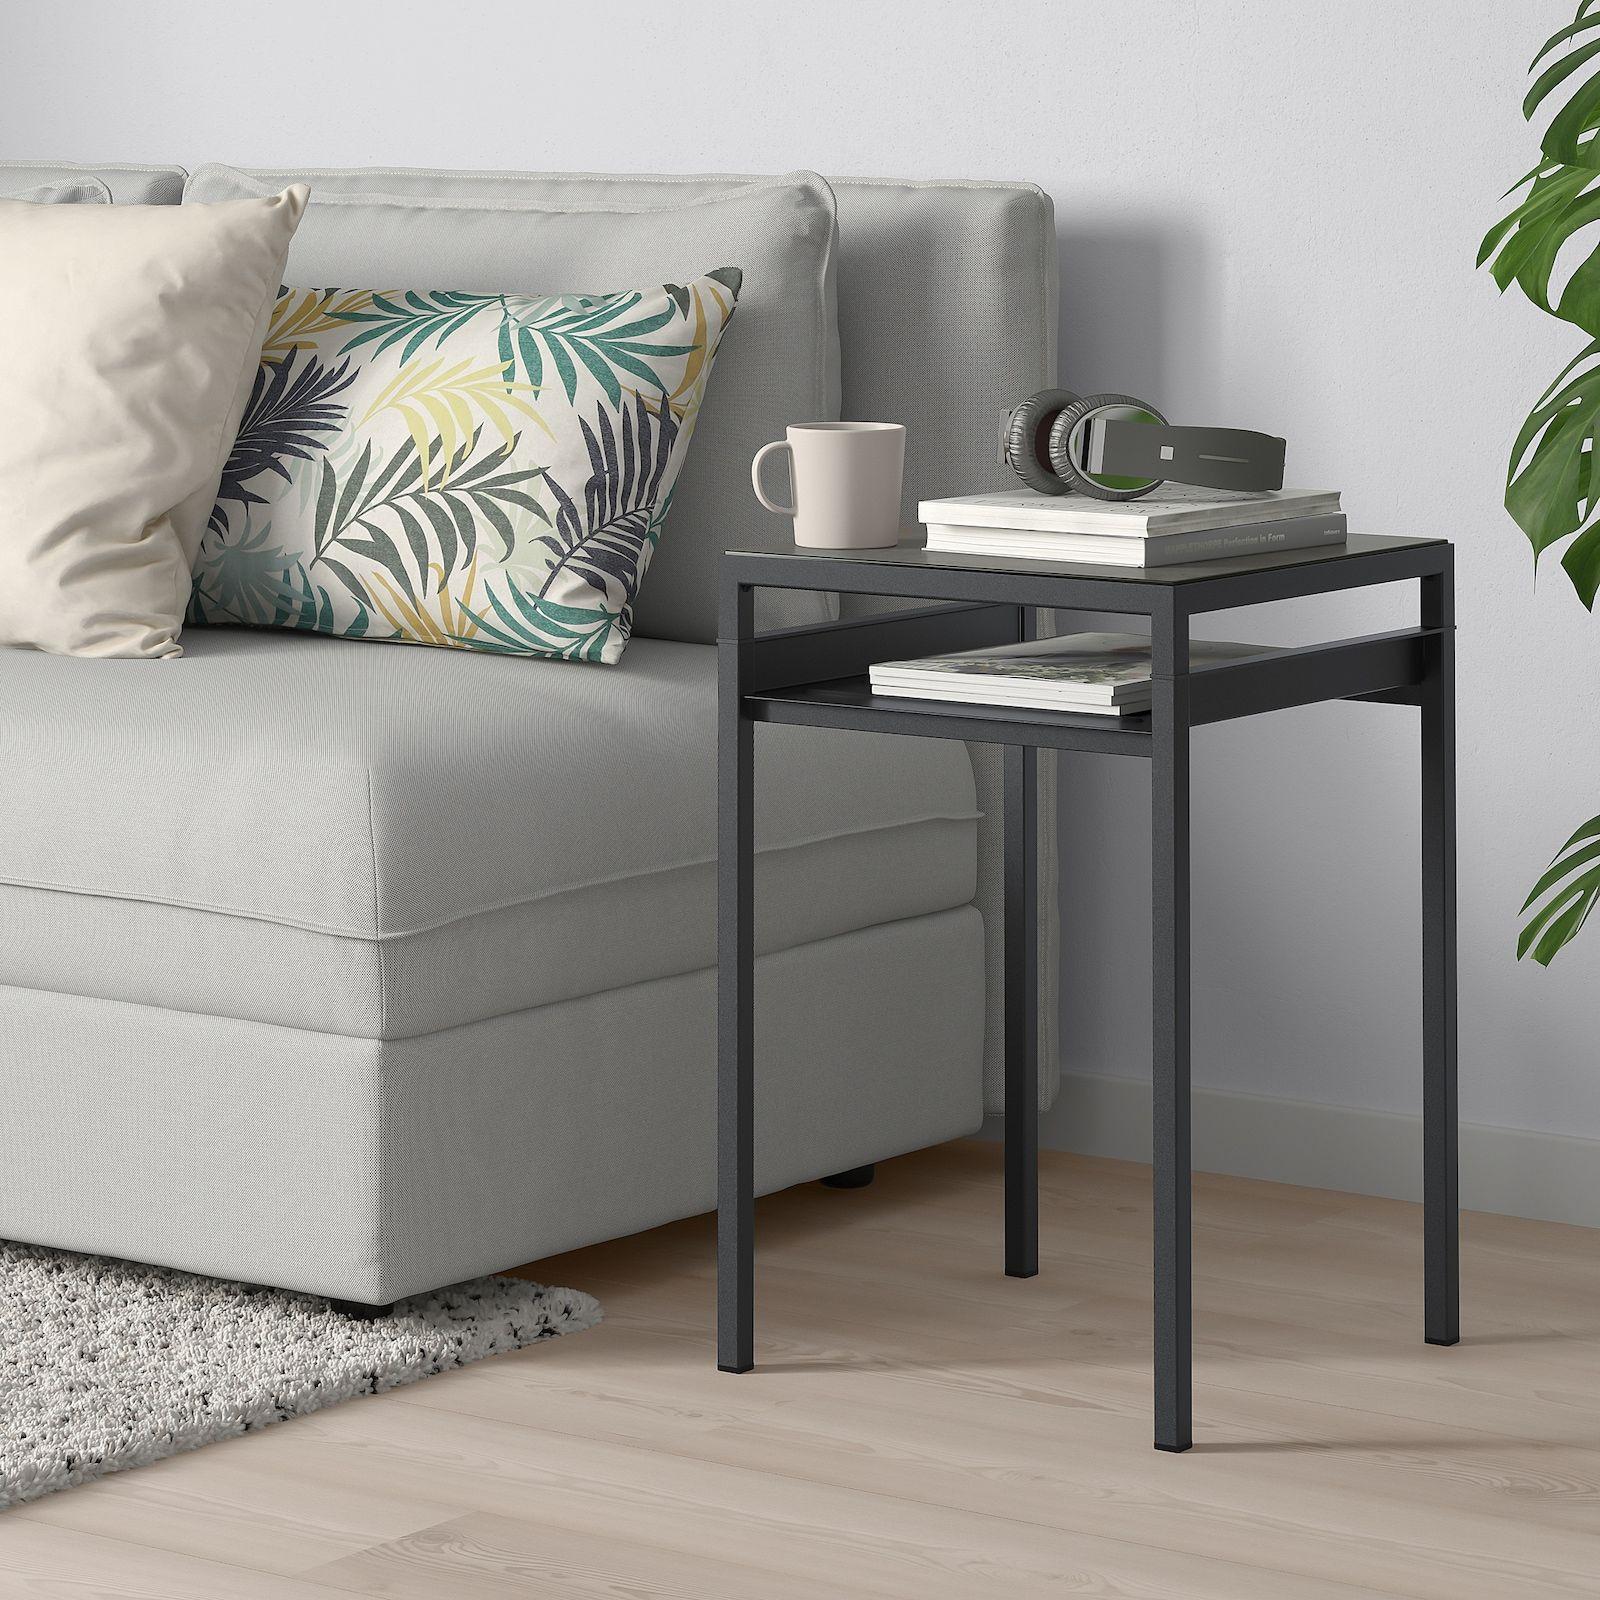 Nyboda Side Table W Reversible Table Top Dark Gray Concrete Effect Black 15 3 4x15 3 4x23 5 8 Ikea In 2020 Ikea Side Table Grey Side Table Black Side Table [ 1600 x 1600 Pixel ]